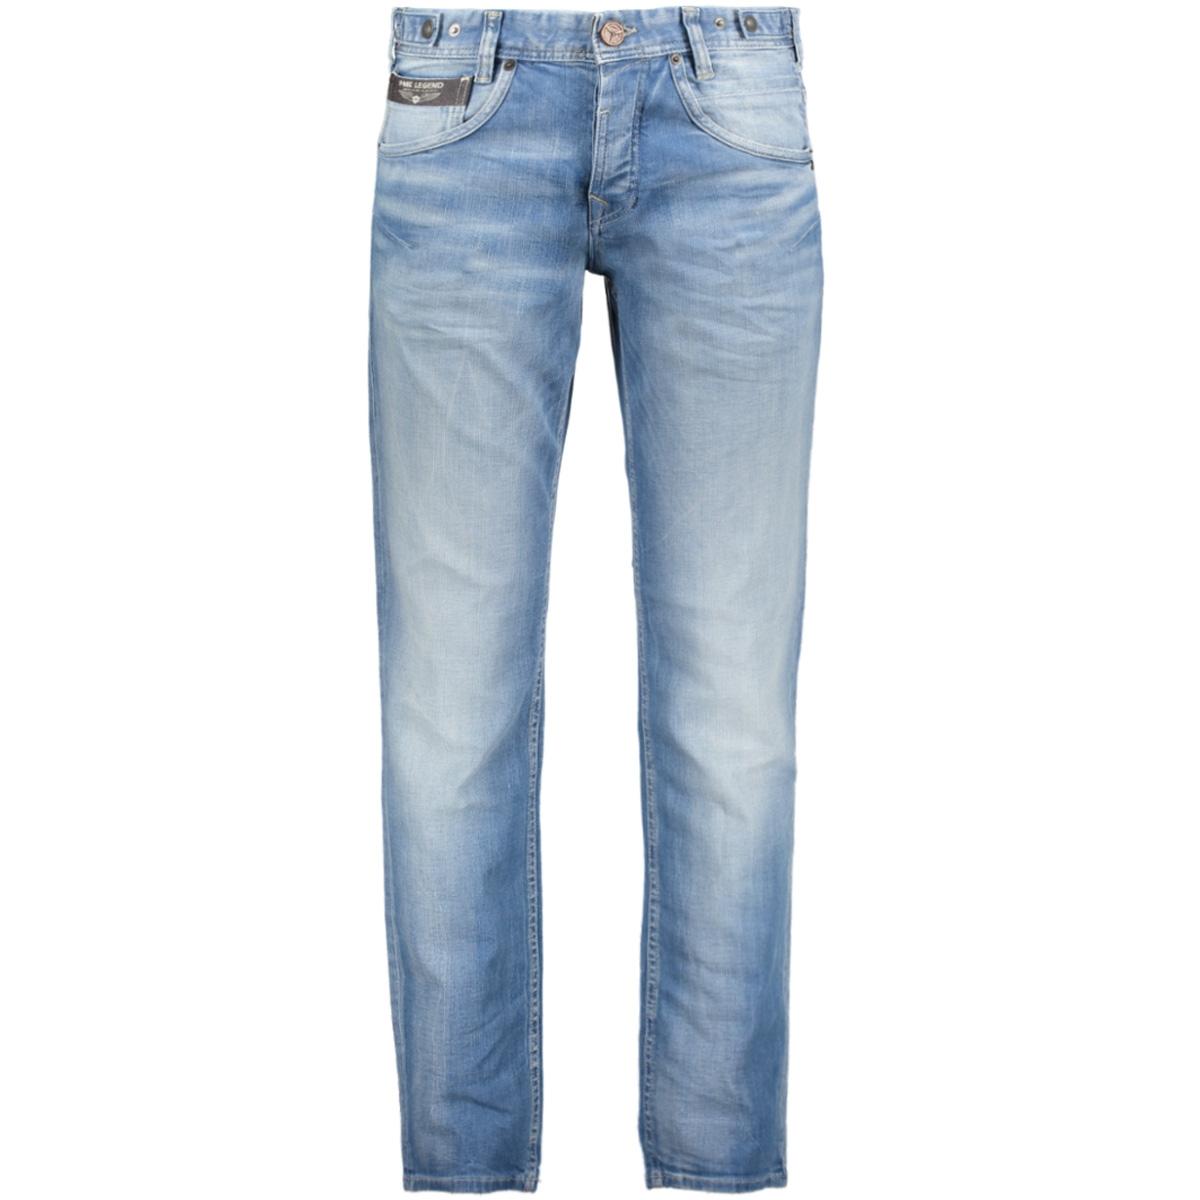 ptr170-naw pme legend jeans naw